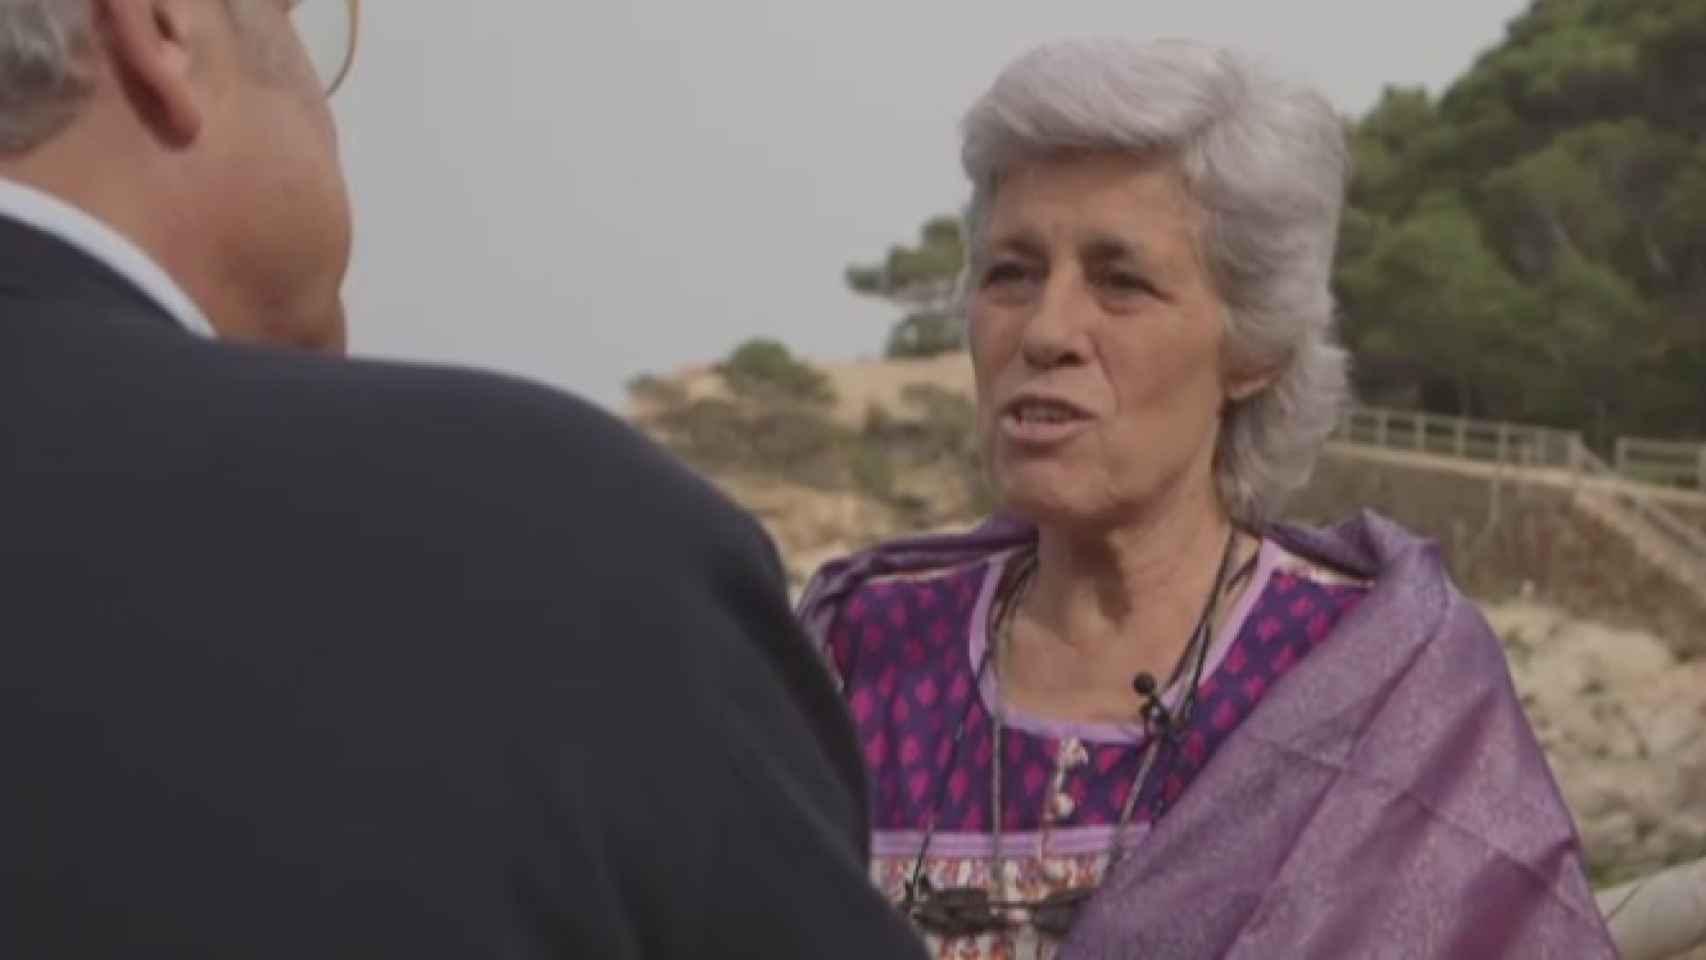 Teresa Ilari. Promueve el uso del agua de mar para cualquier dolencia. A una mujer le llegó a recomendar que bebiera su propia orina.